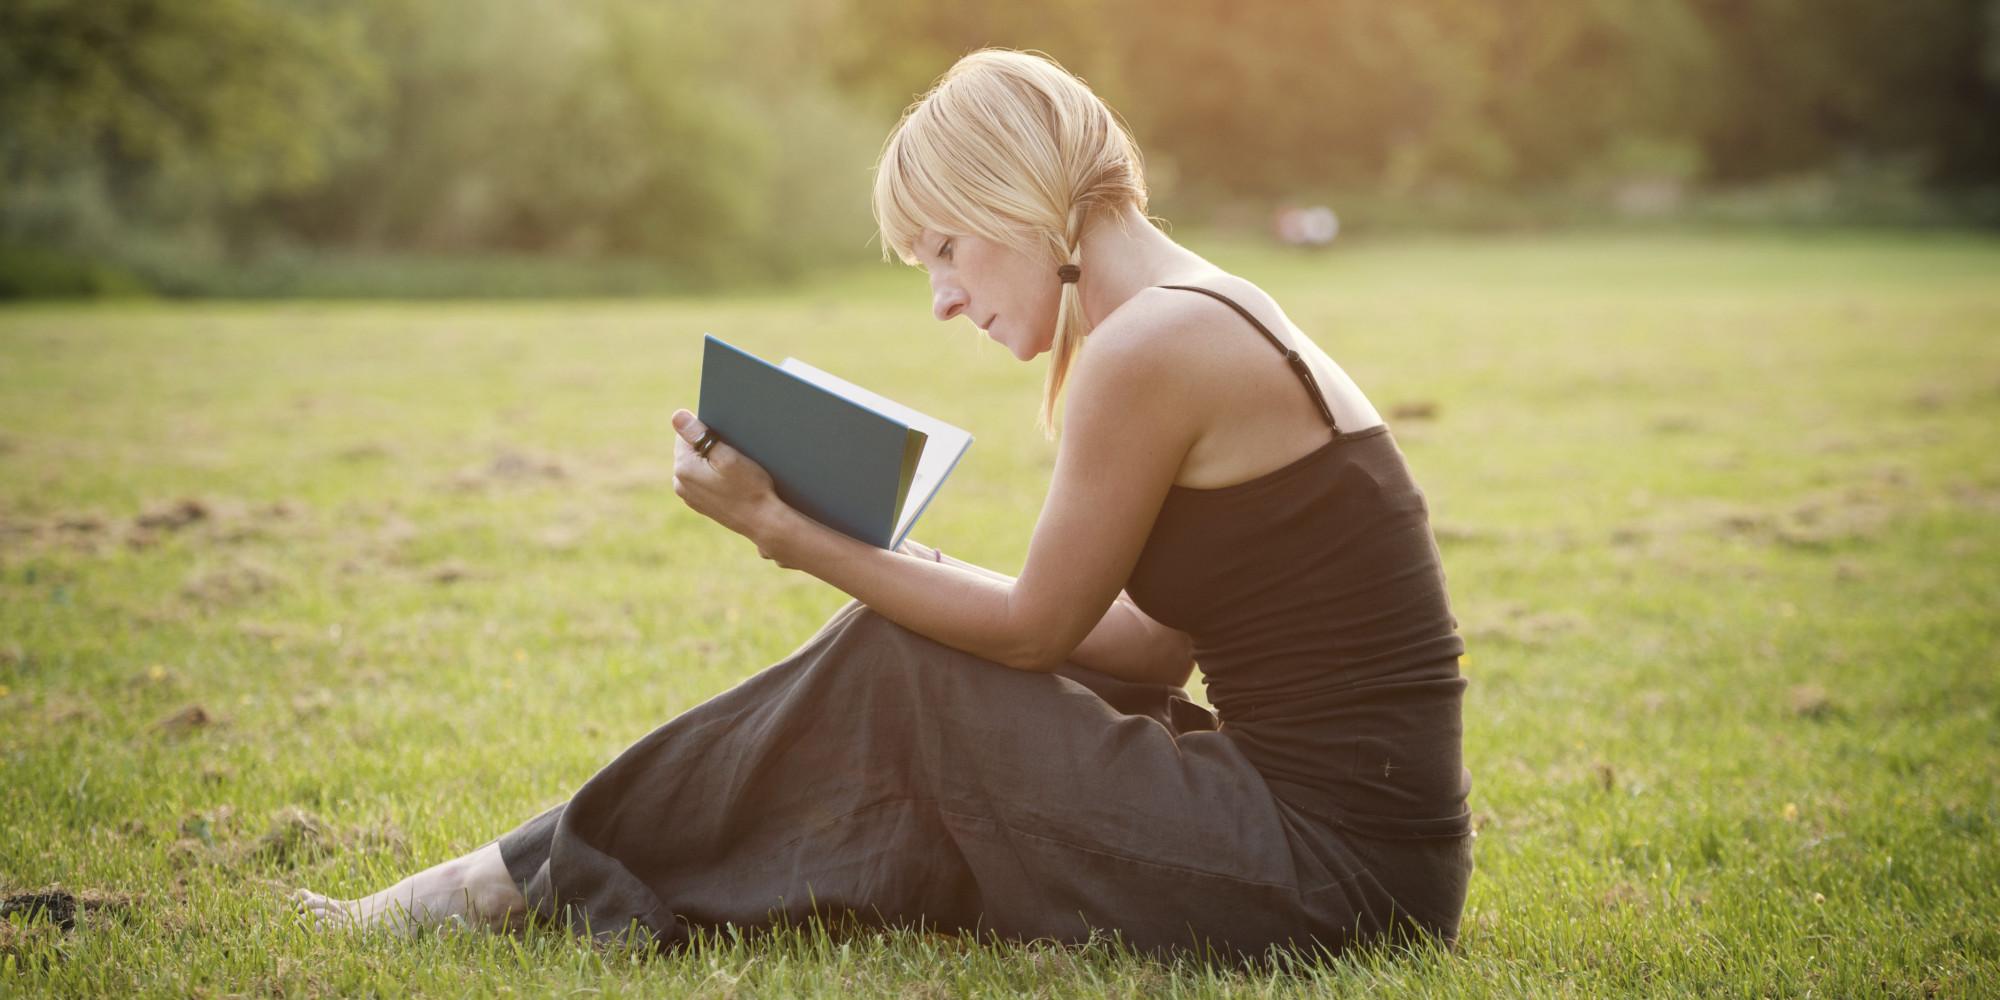 o-PERSON-READING-BOOK-facebook